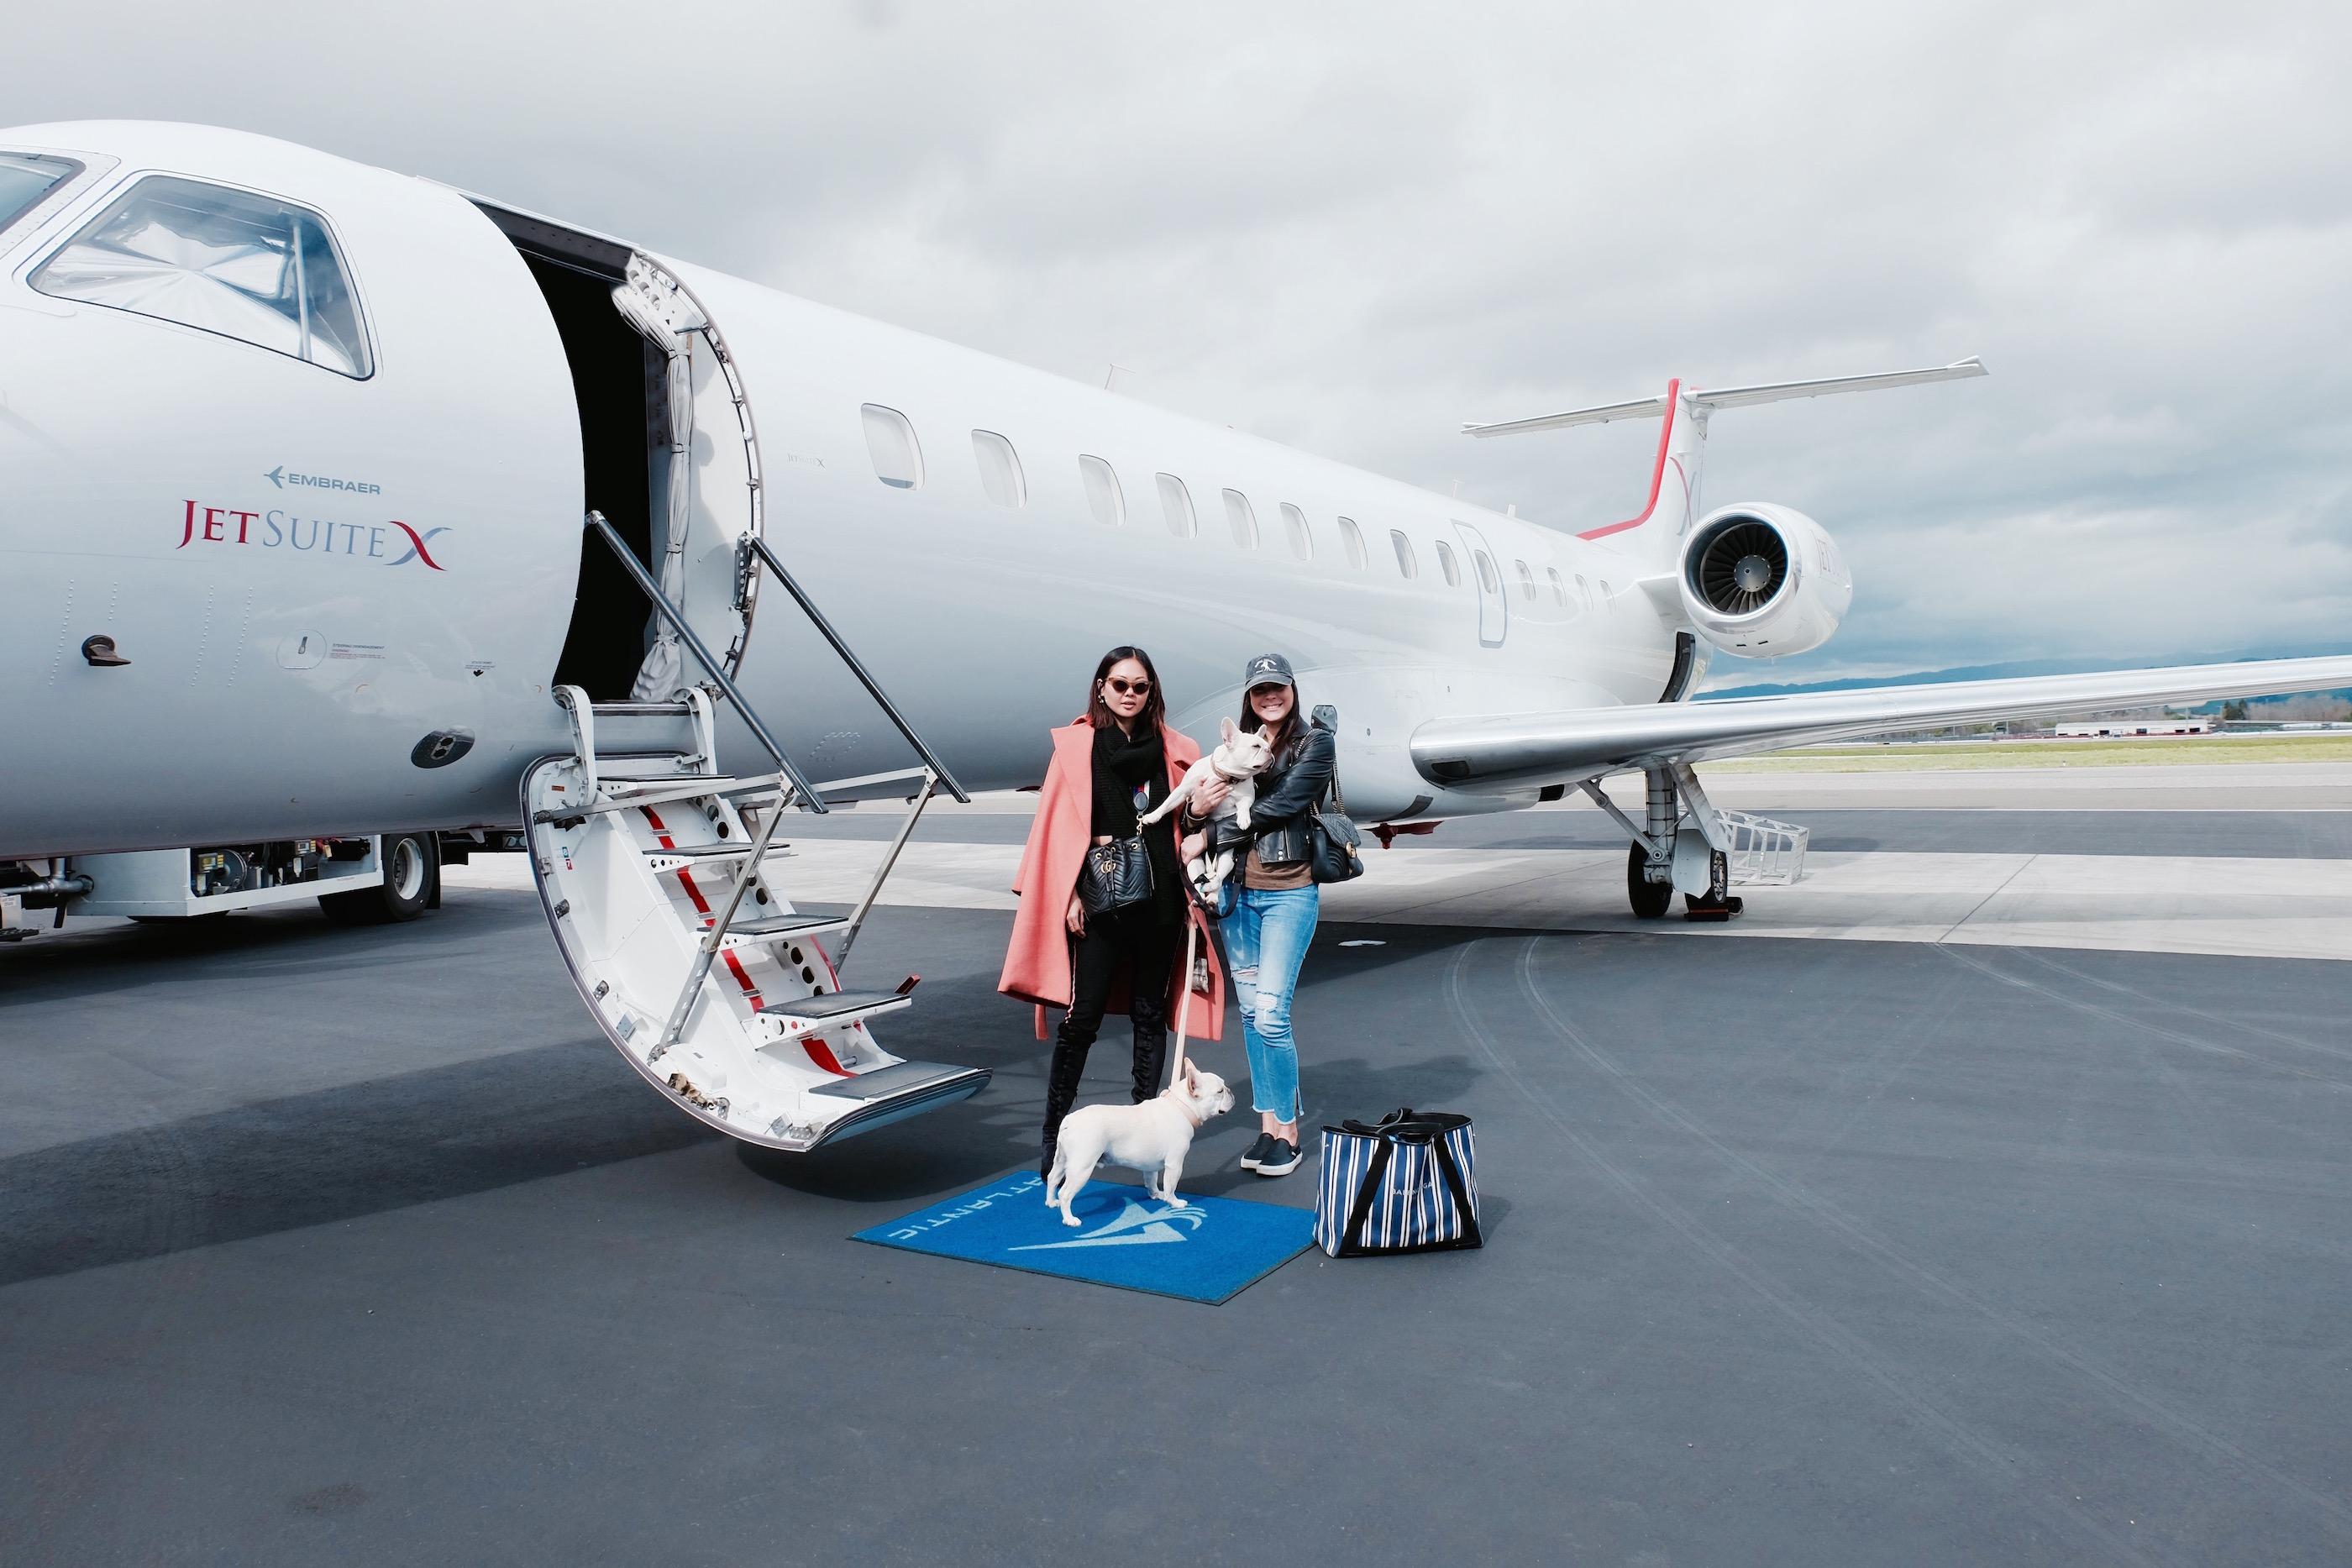 jet suites deals